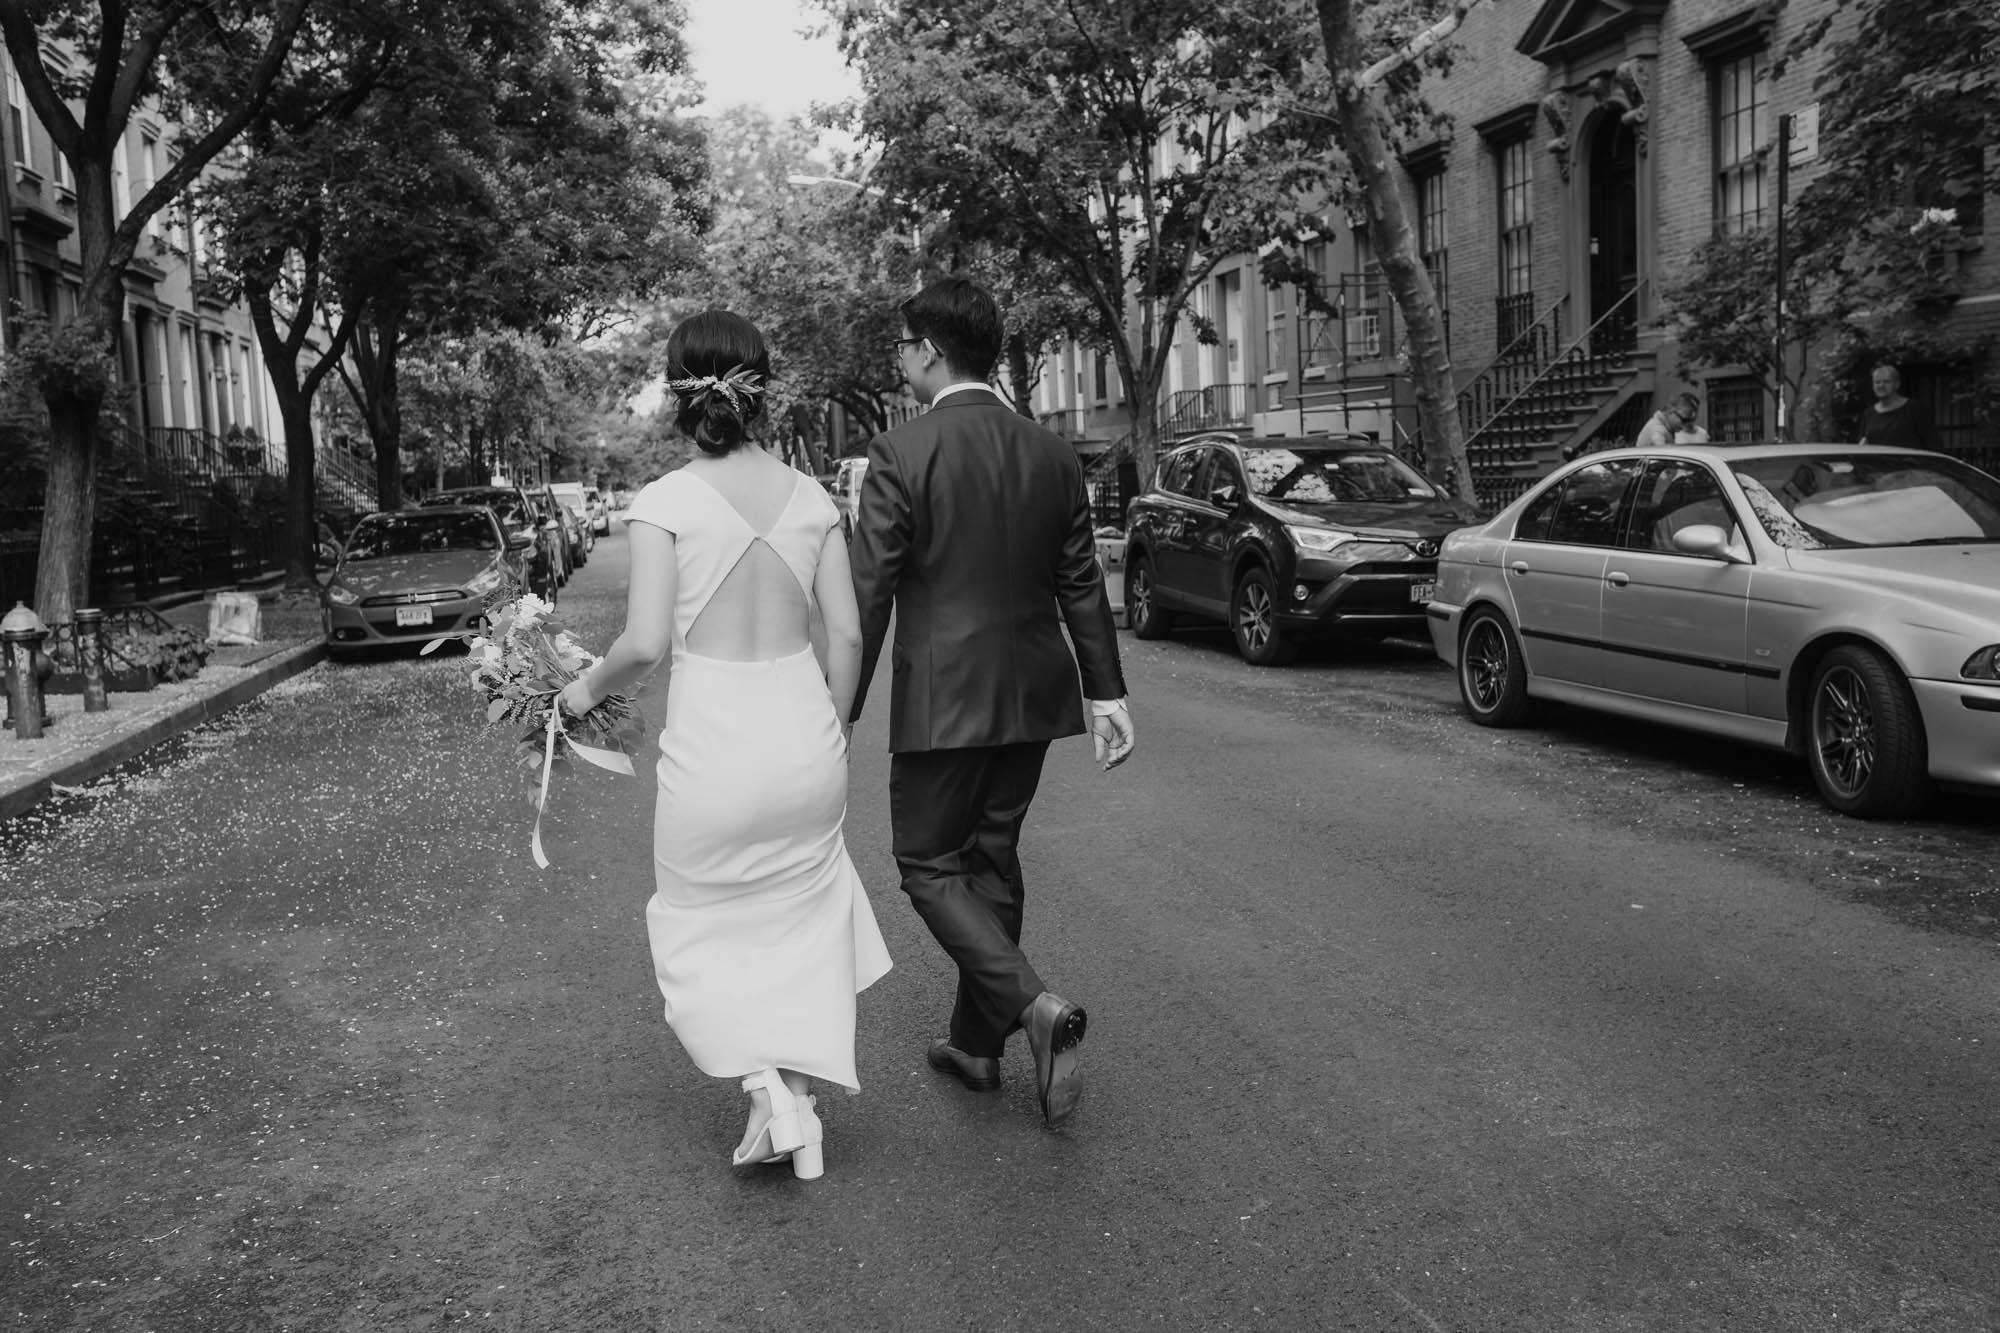 oneifbylandtwoifbyseawedding-elizabethtsungphoto-40.jpg